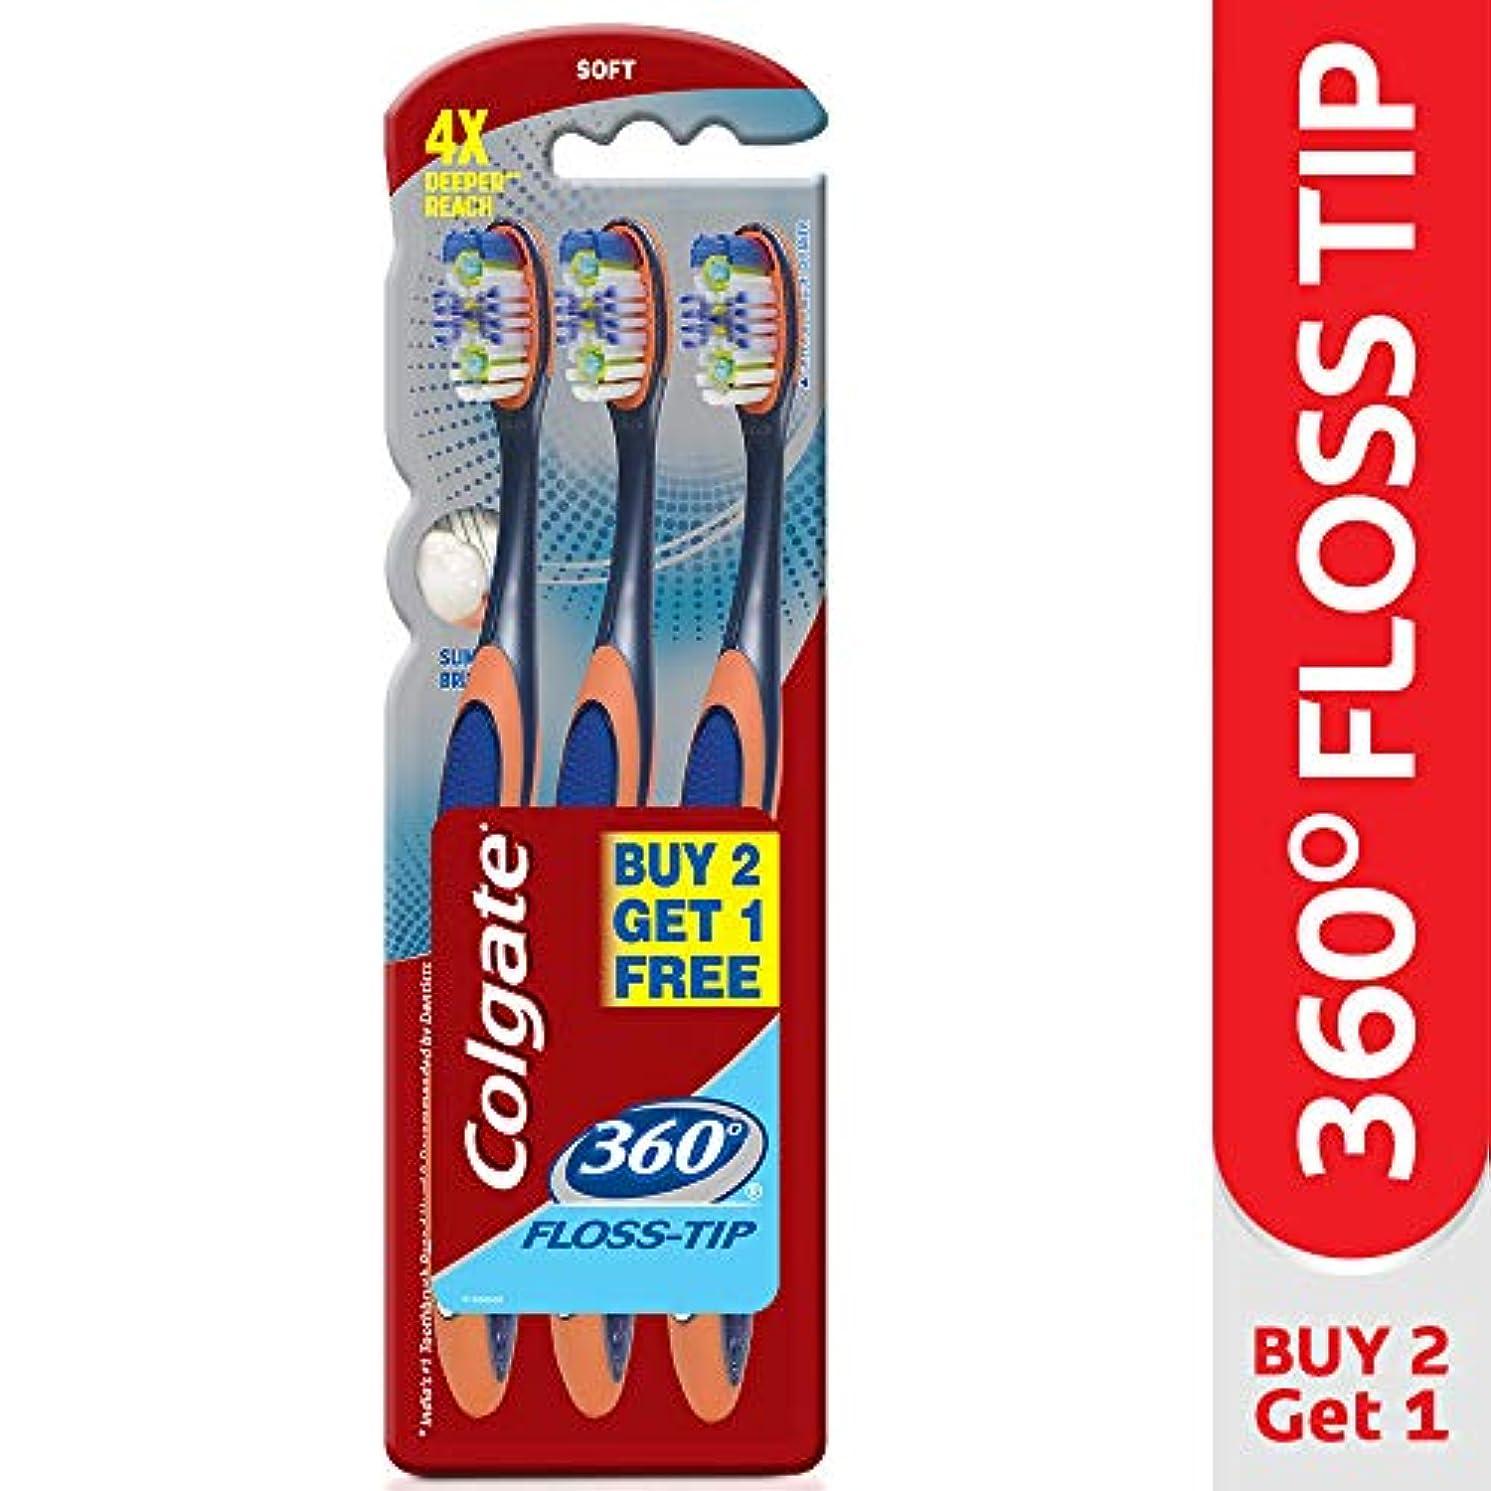 売上高十億不格好Colgate 360 FLOSS-TIP (MEDIUM) TOOTHBRUSH (3PC PACK)